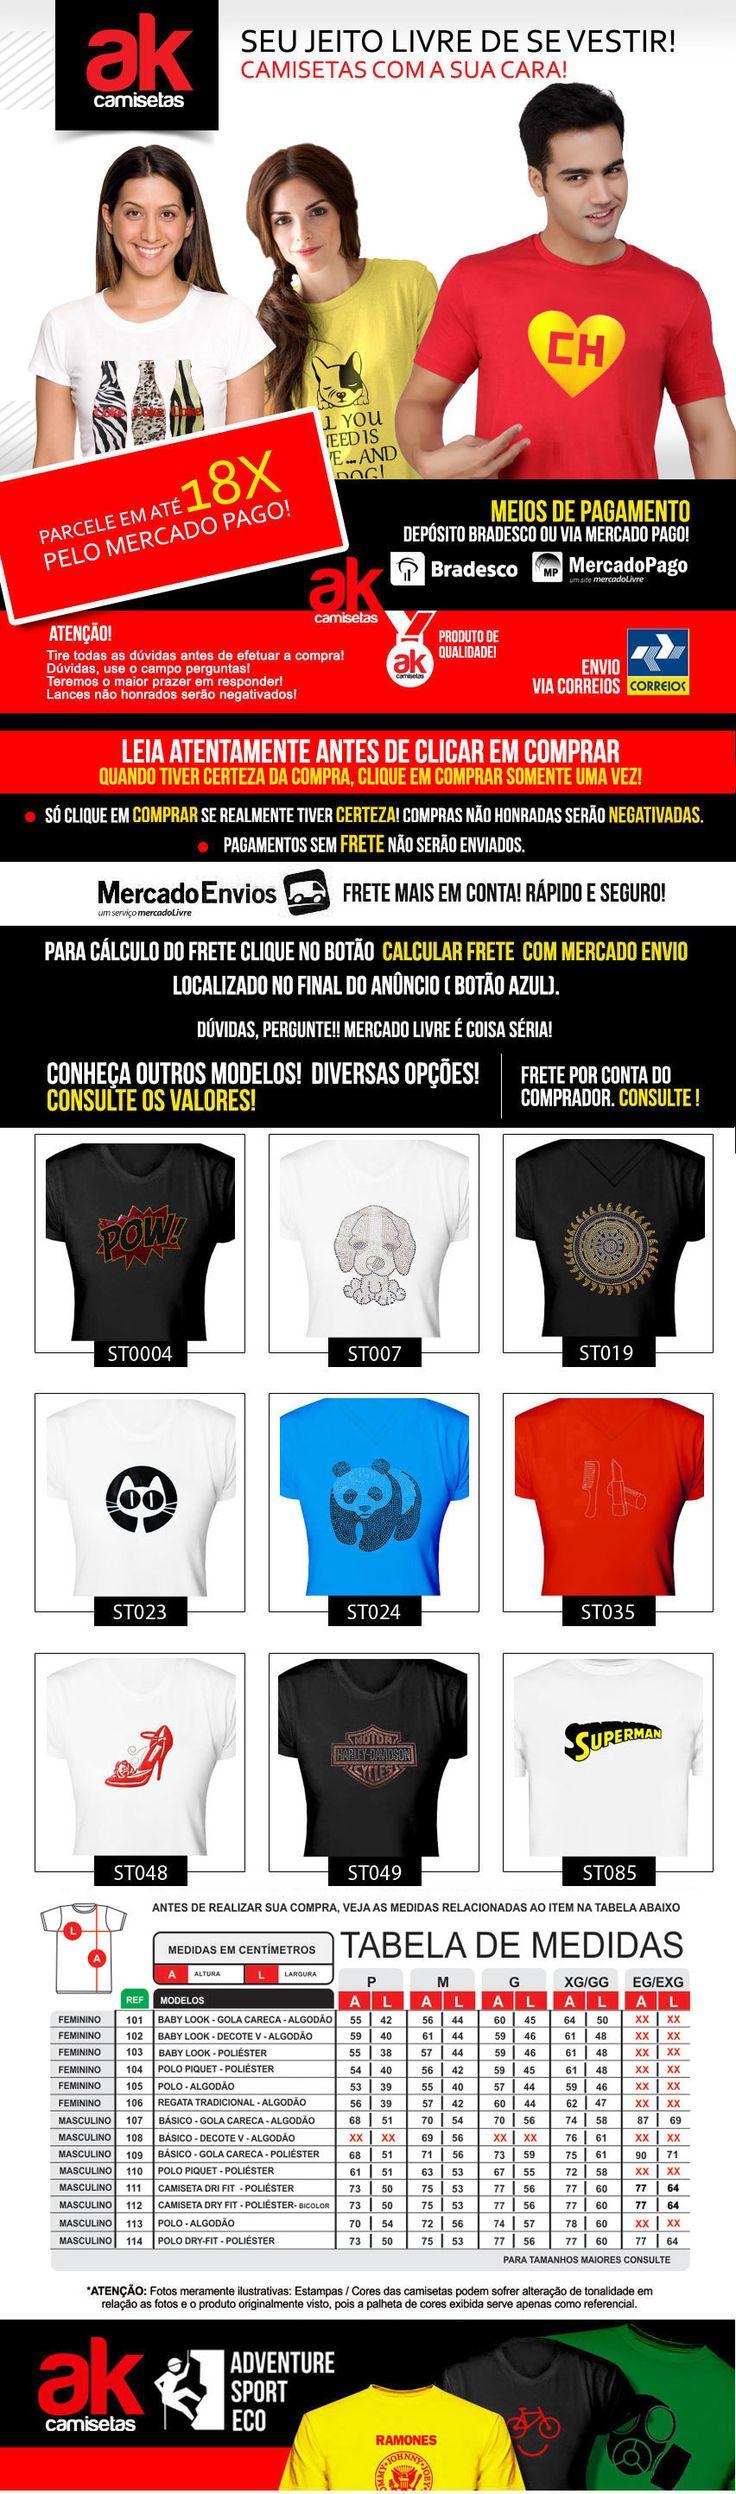 Camiseta Dry Fit - Estampa Suzuki - Moto Gp - Es112 - R$ 39,00 no MercadoLivre